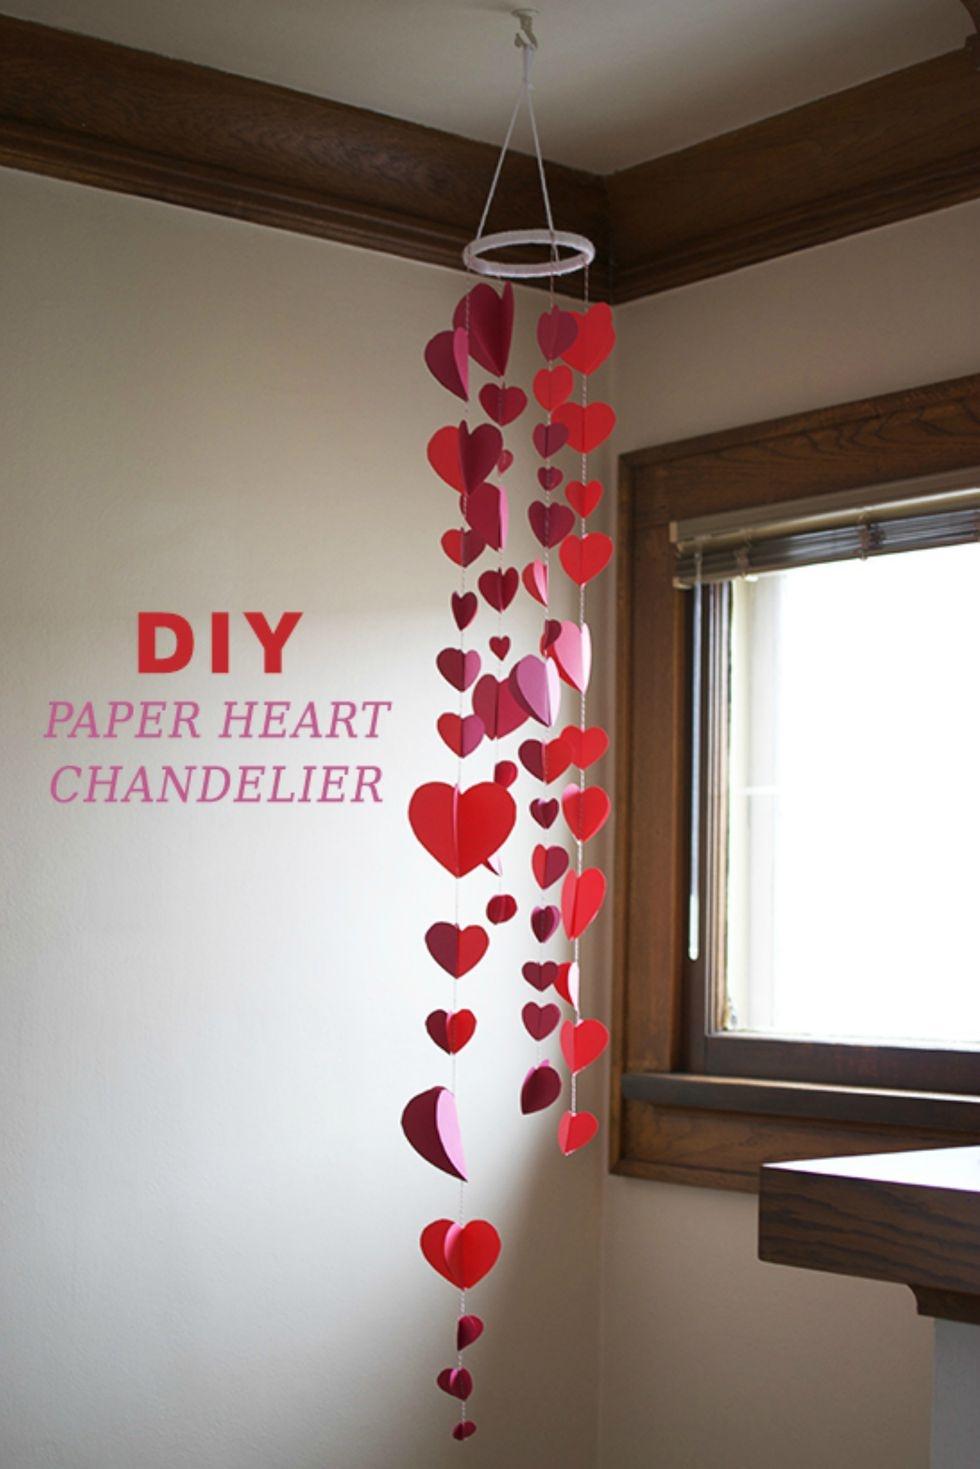 1481581699-diy-paper-heart-chandelier-valentines-day-decor-01